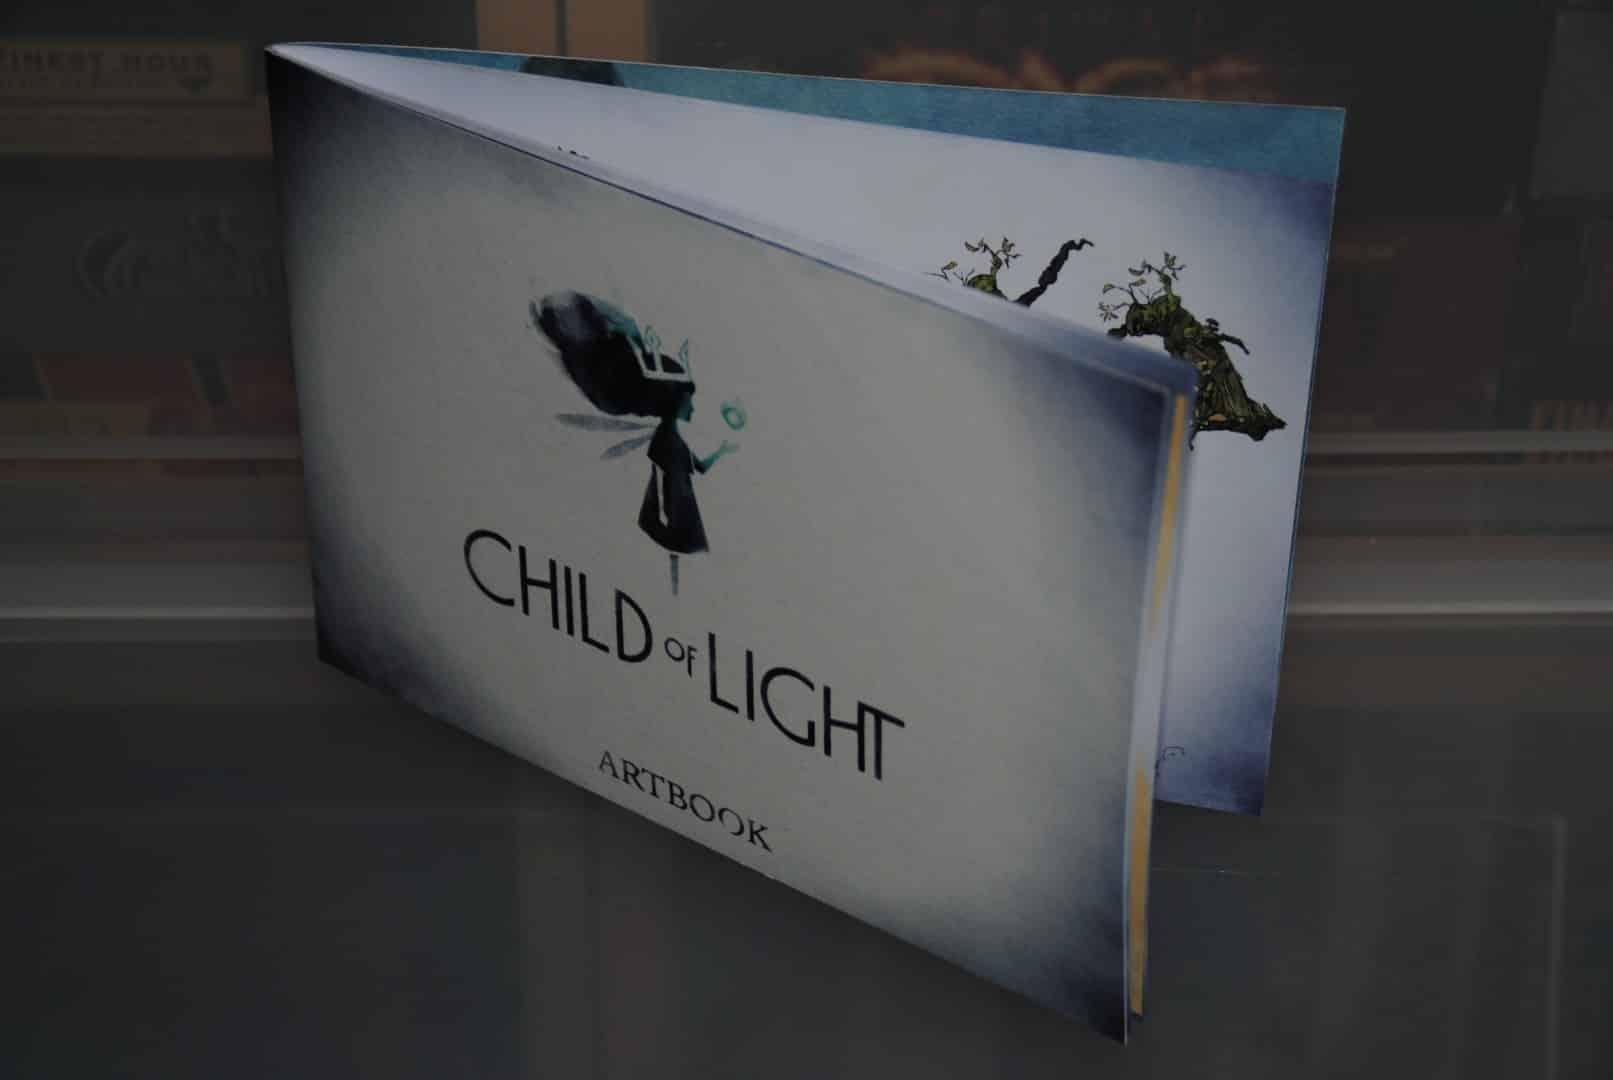 Artbook, Child Of Light